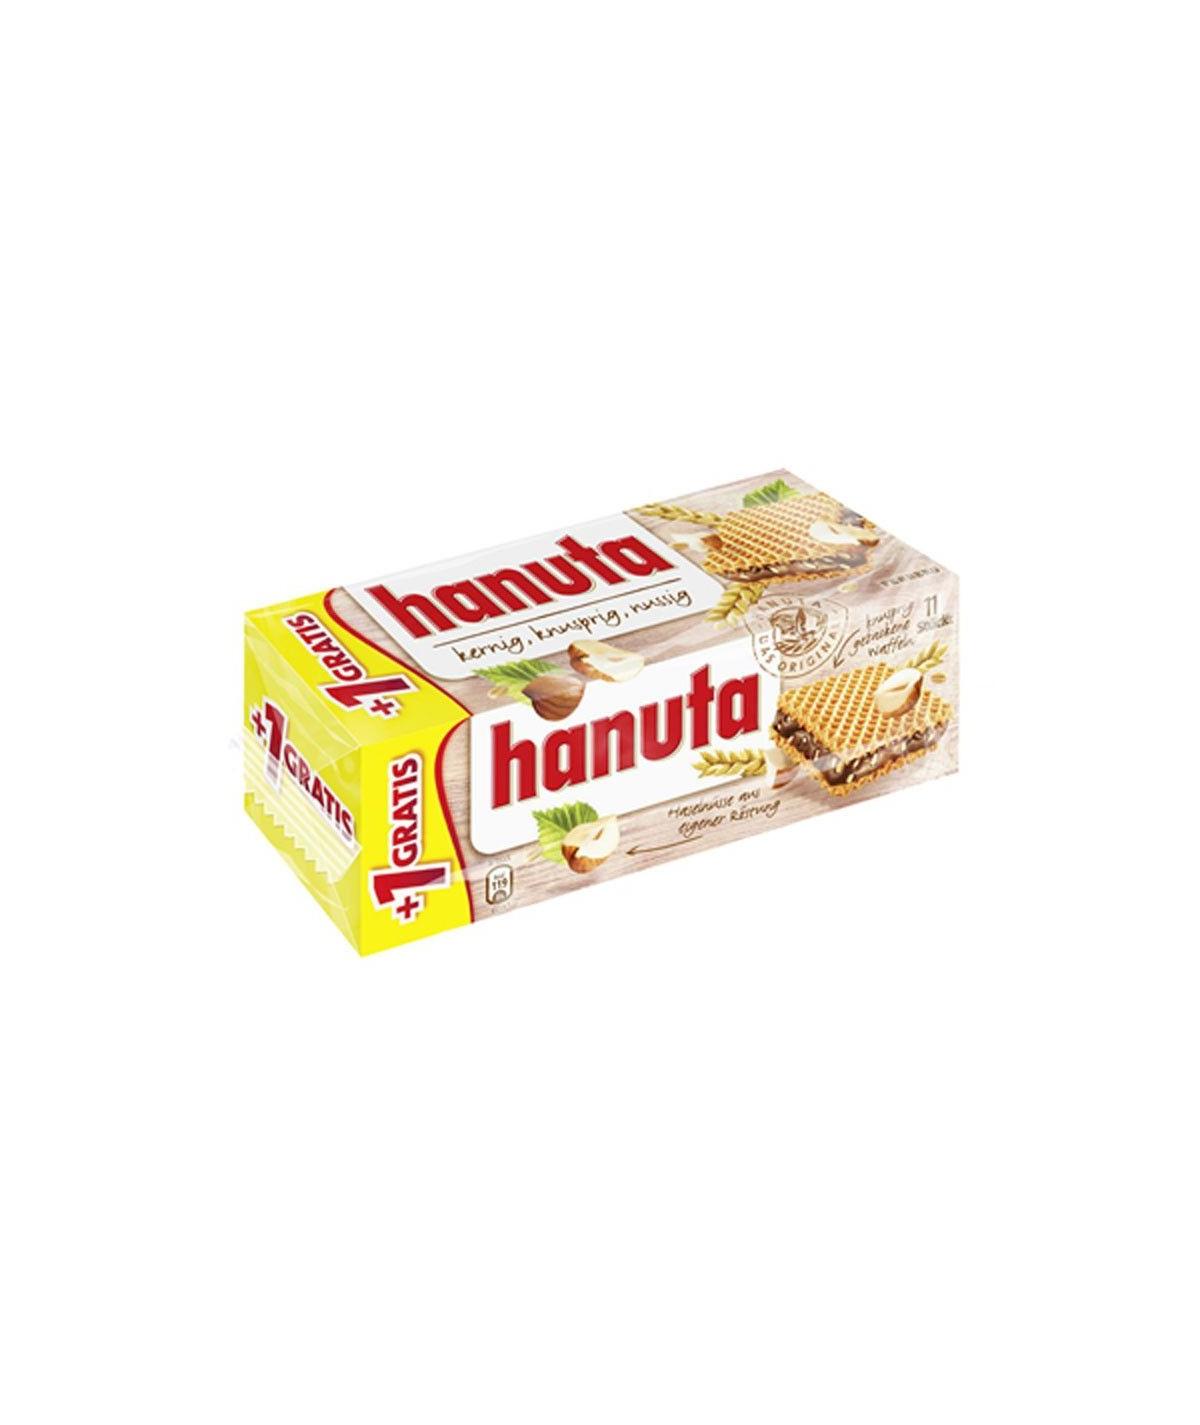 Hanuta Haselnuss-Schokoschnitte Ferrero 220g